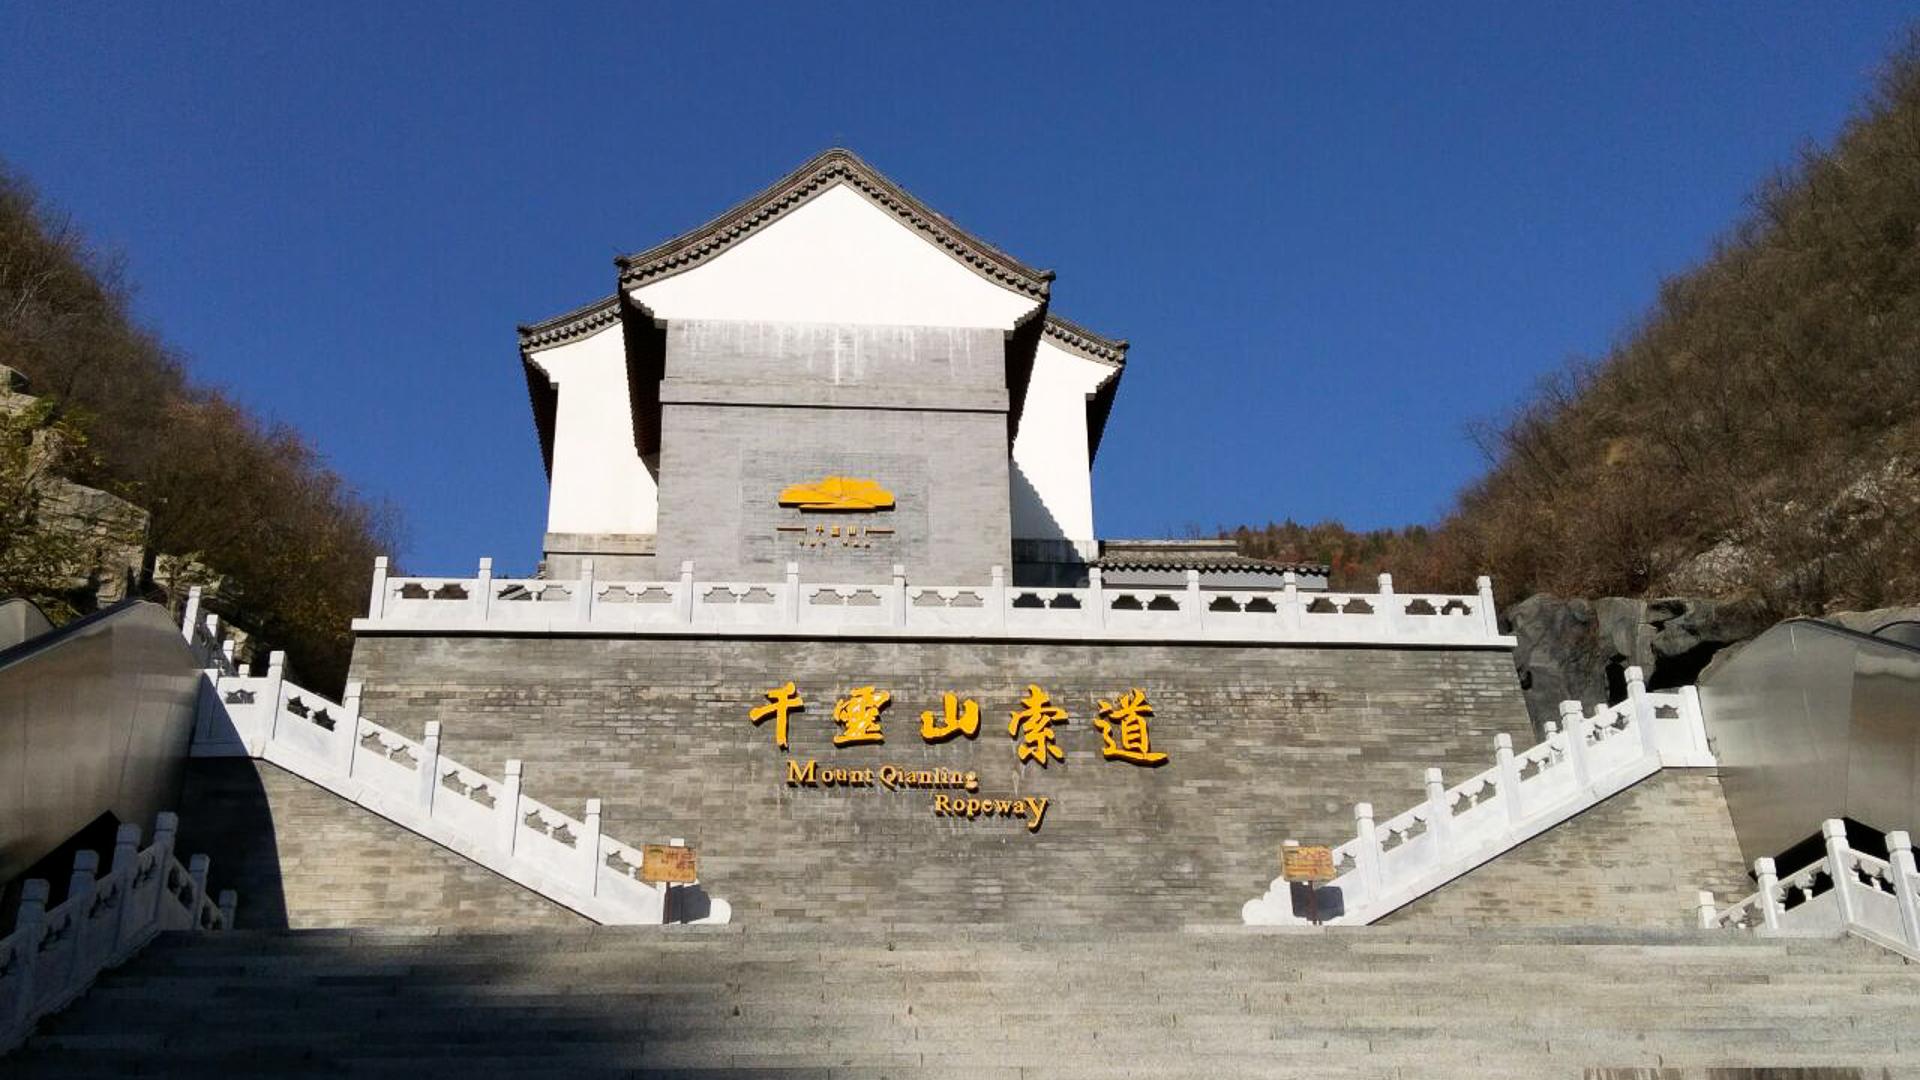 北京春季最安静的景区,一路看不到几个游客,非常适合踏青春游